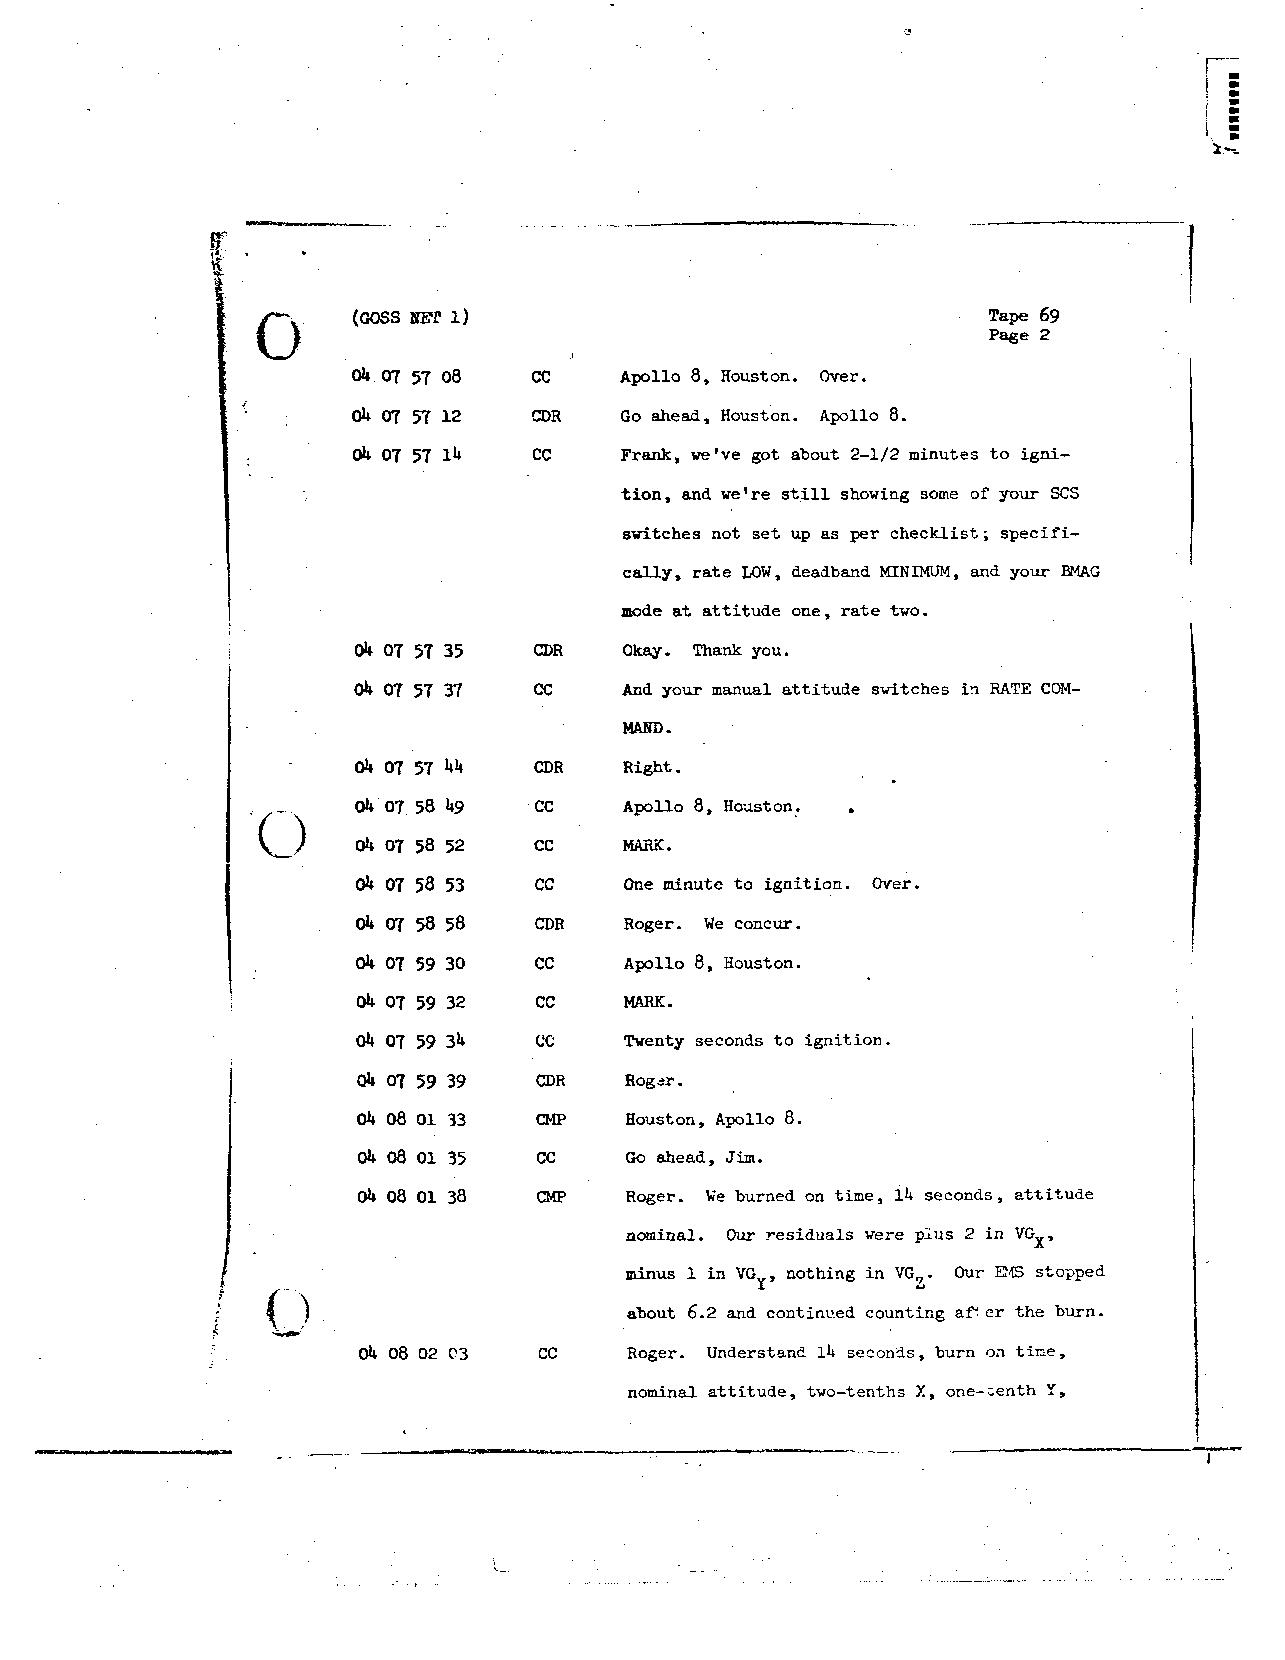 Page 548 of Apollo 8's original transcript